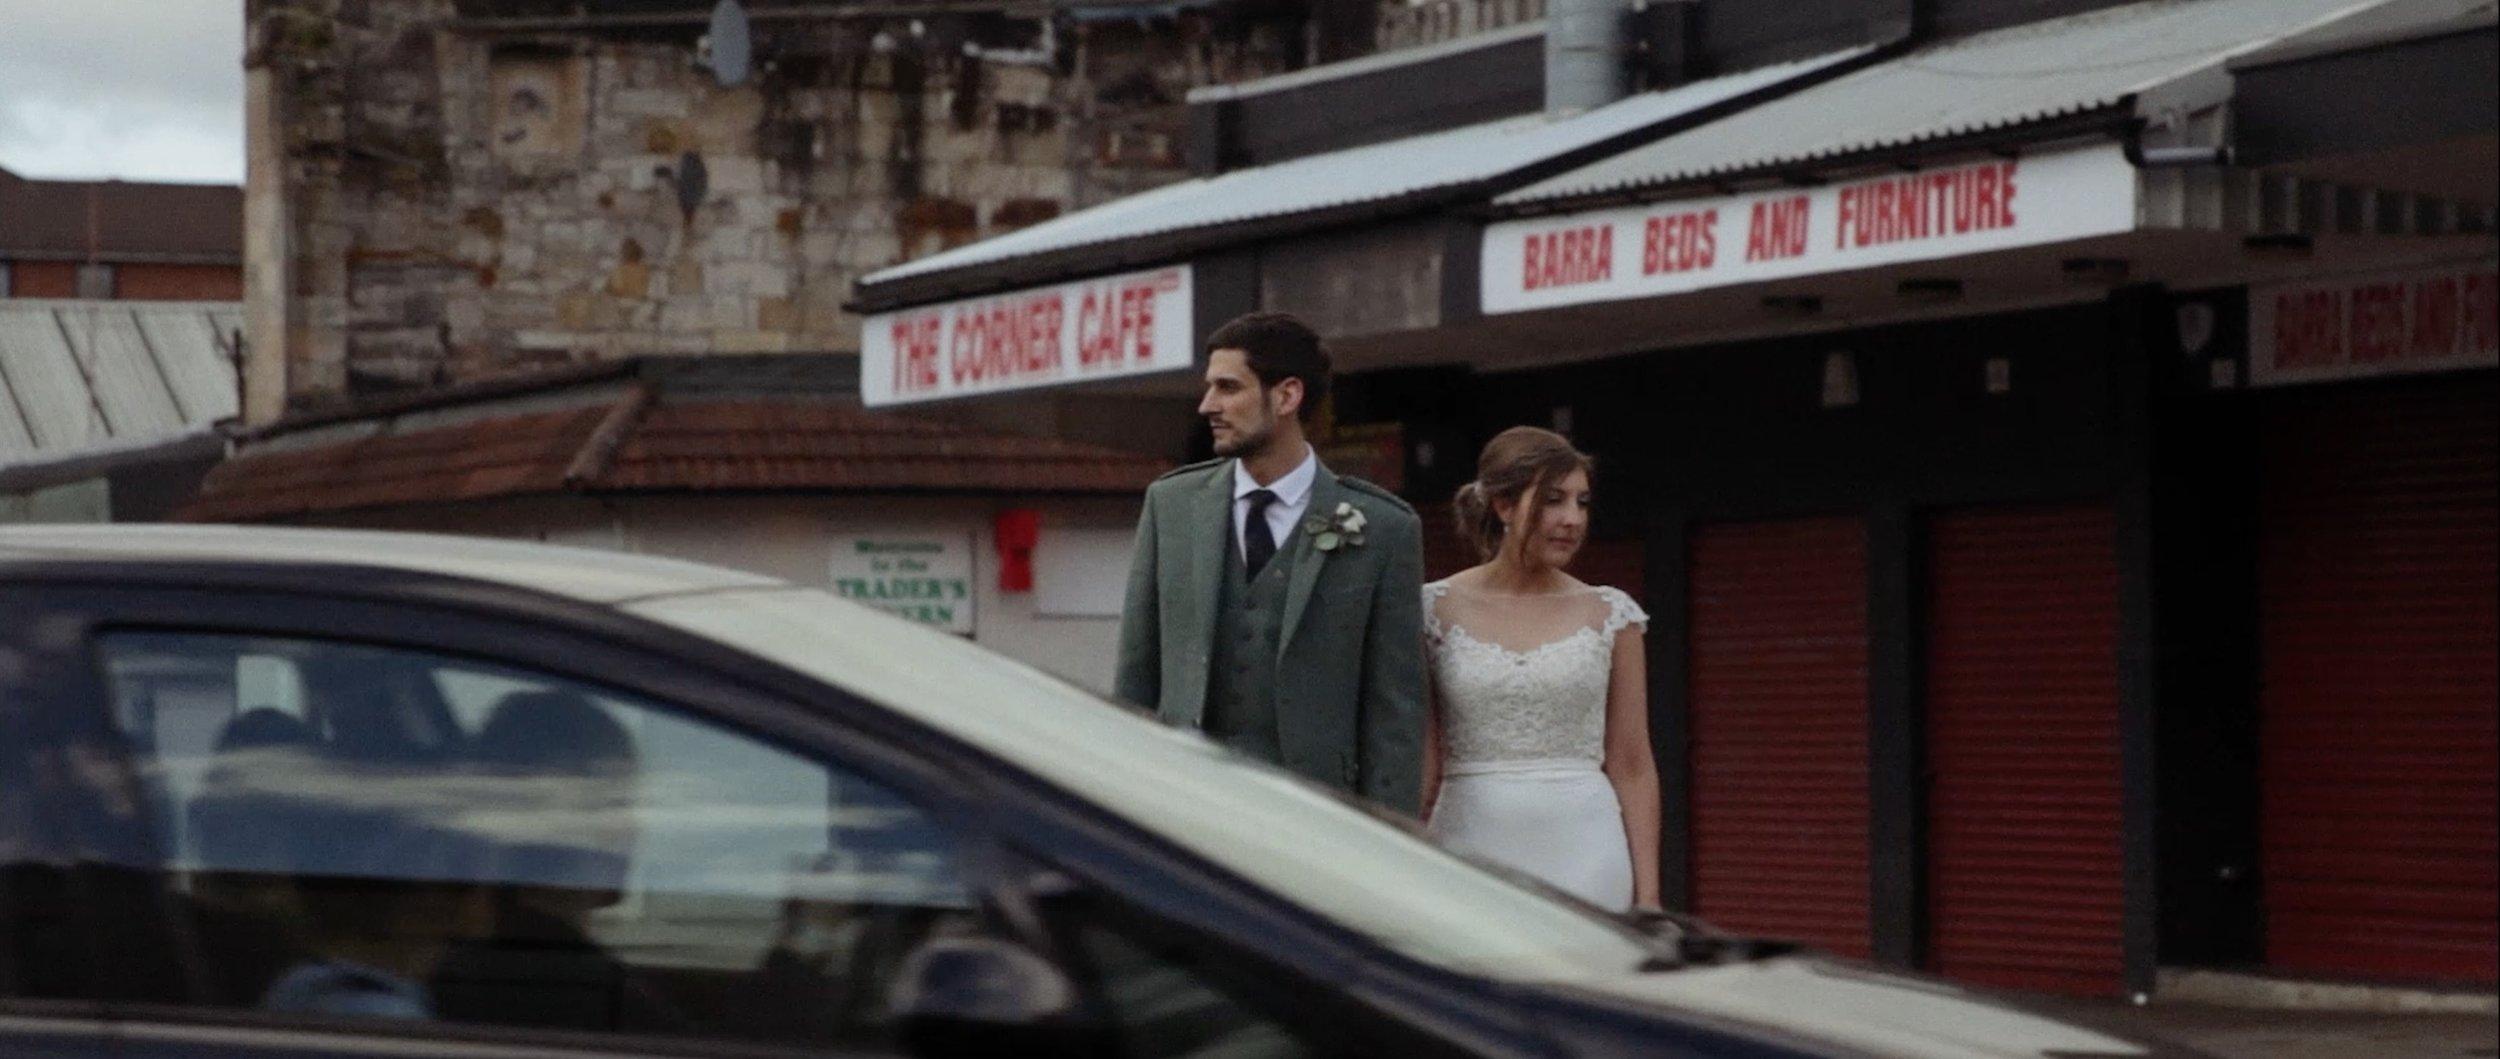 dundee-wedding-videographer_LL_05.jpg